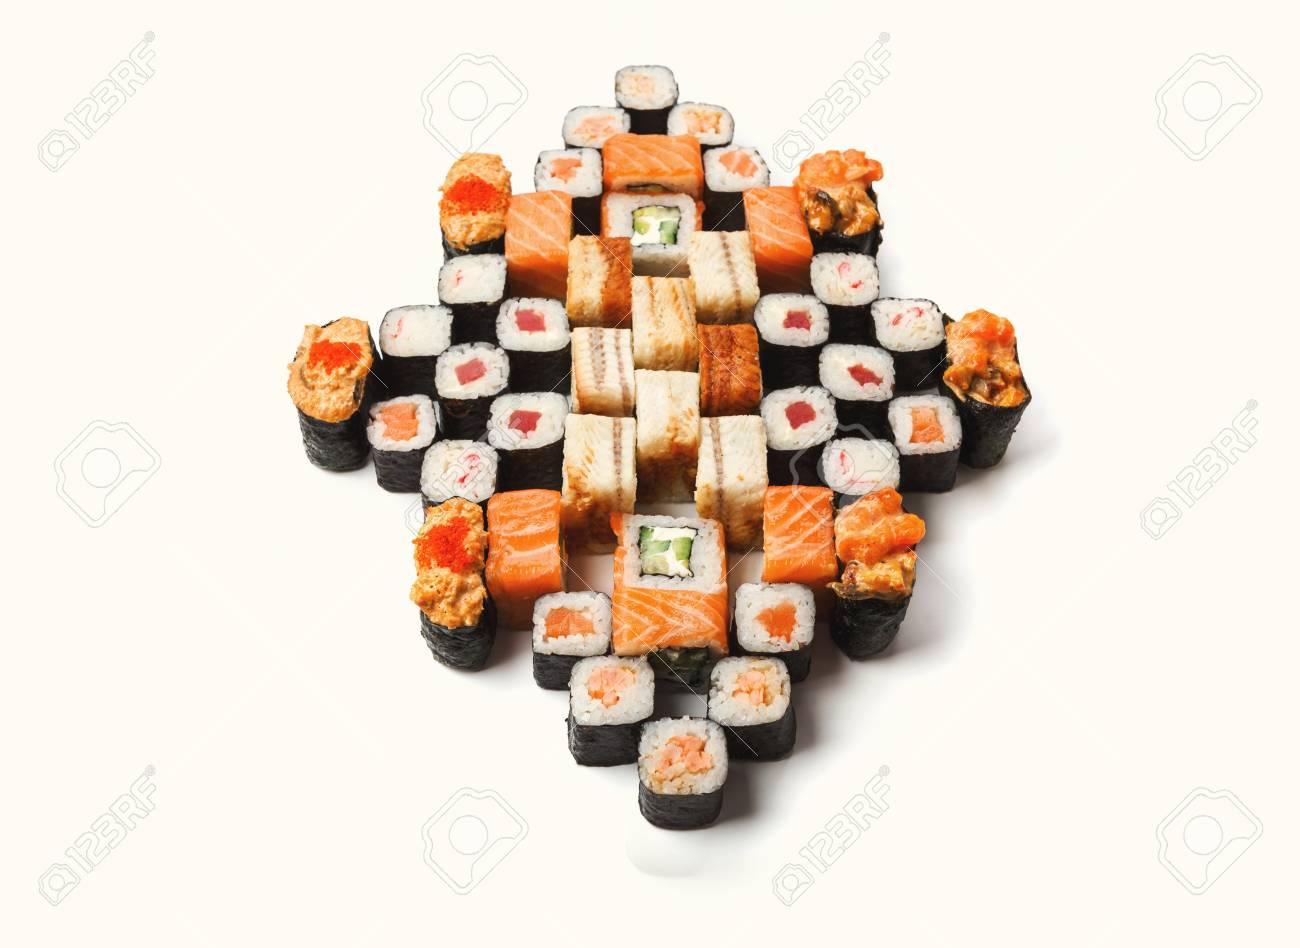 Sushi platter isolated on white background  Japanese food restaurant